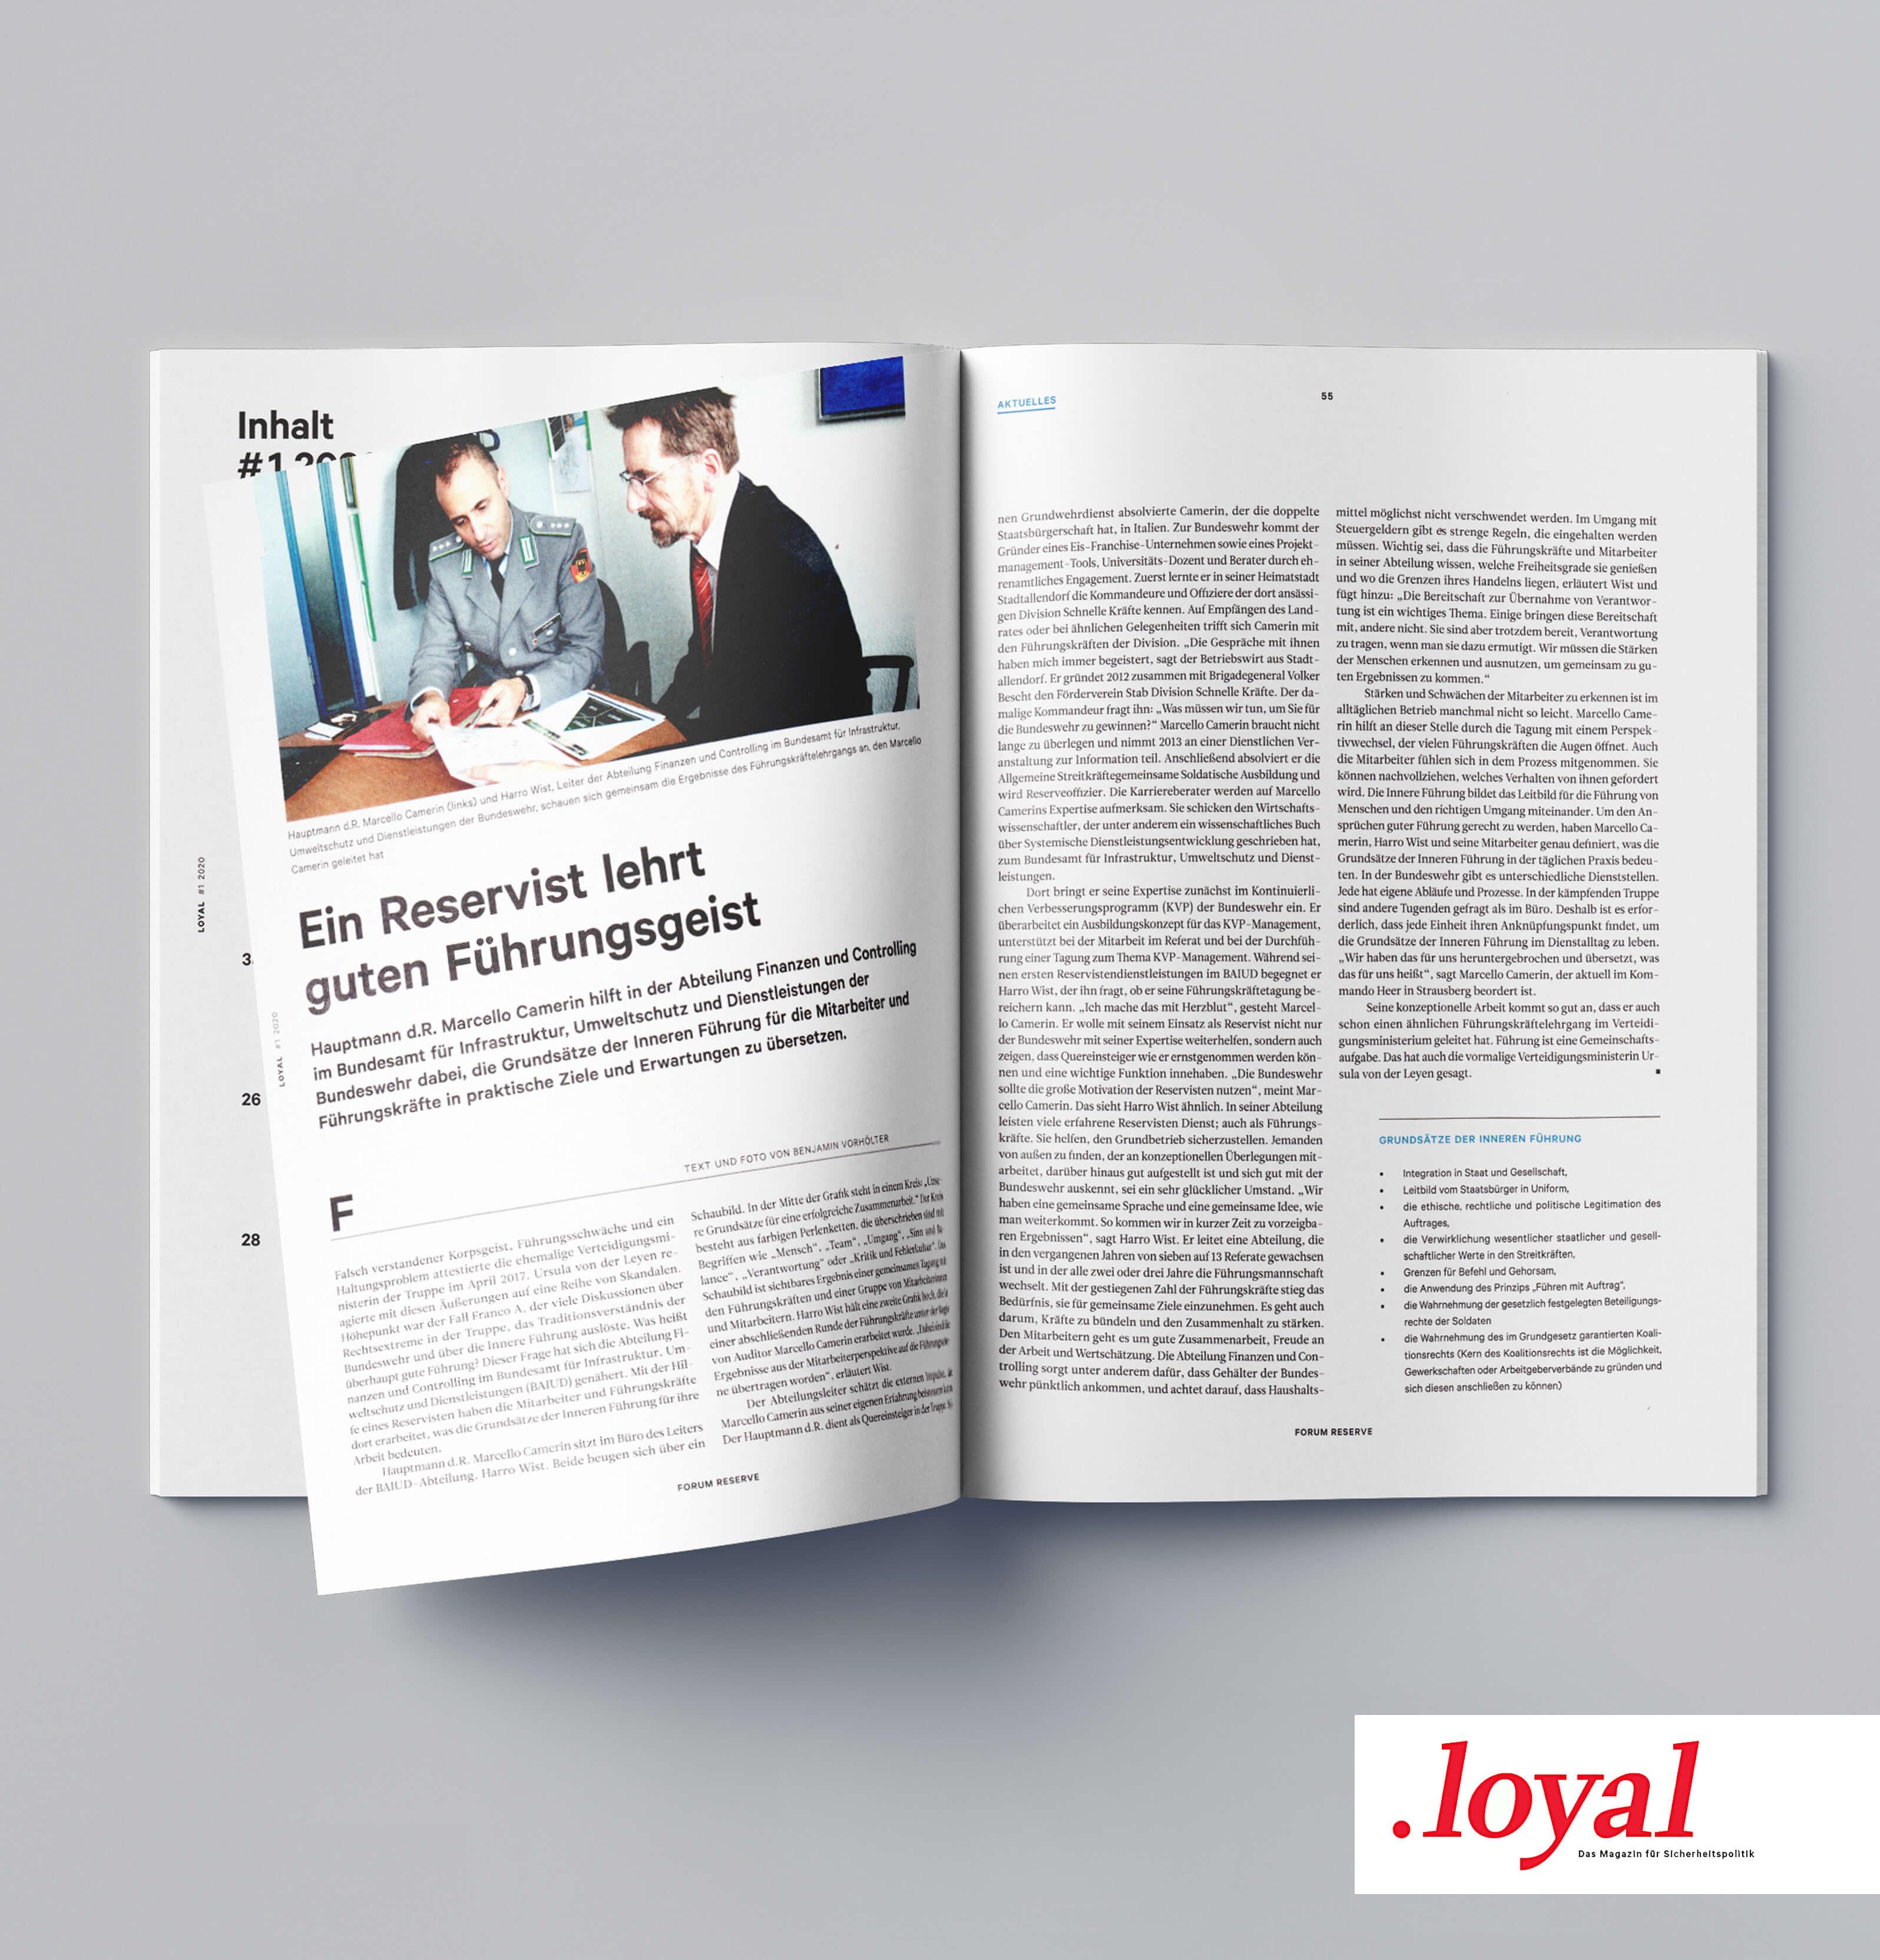 Loyal - Ein Reservist lehrt guten Führungsgeist